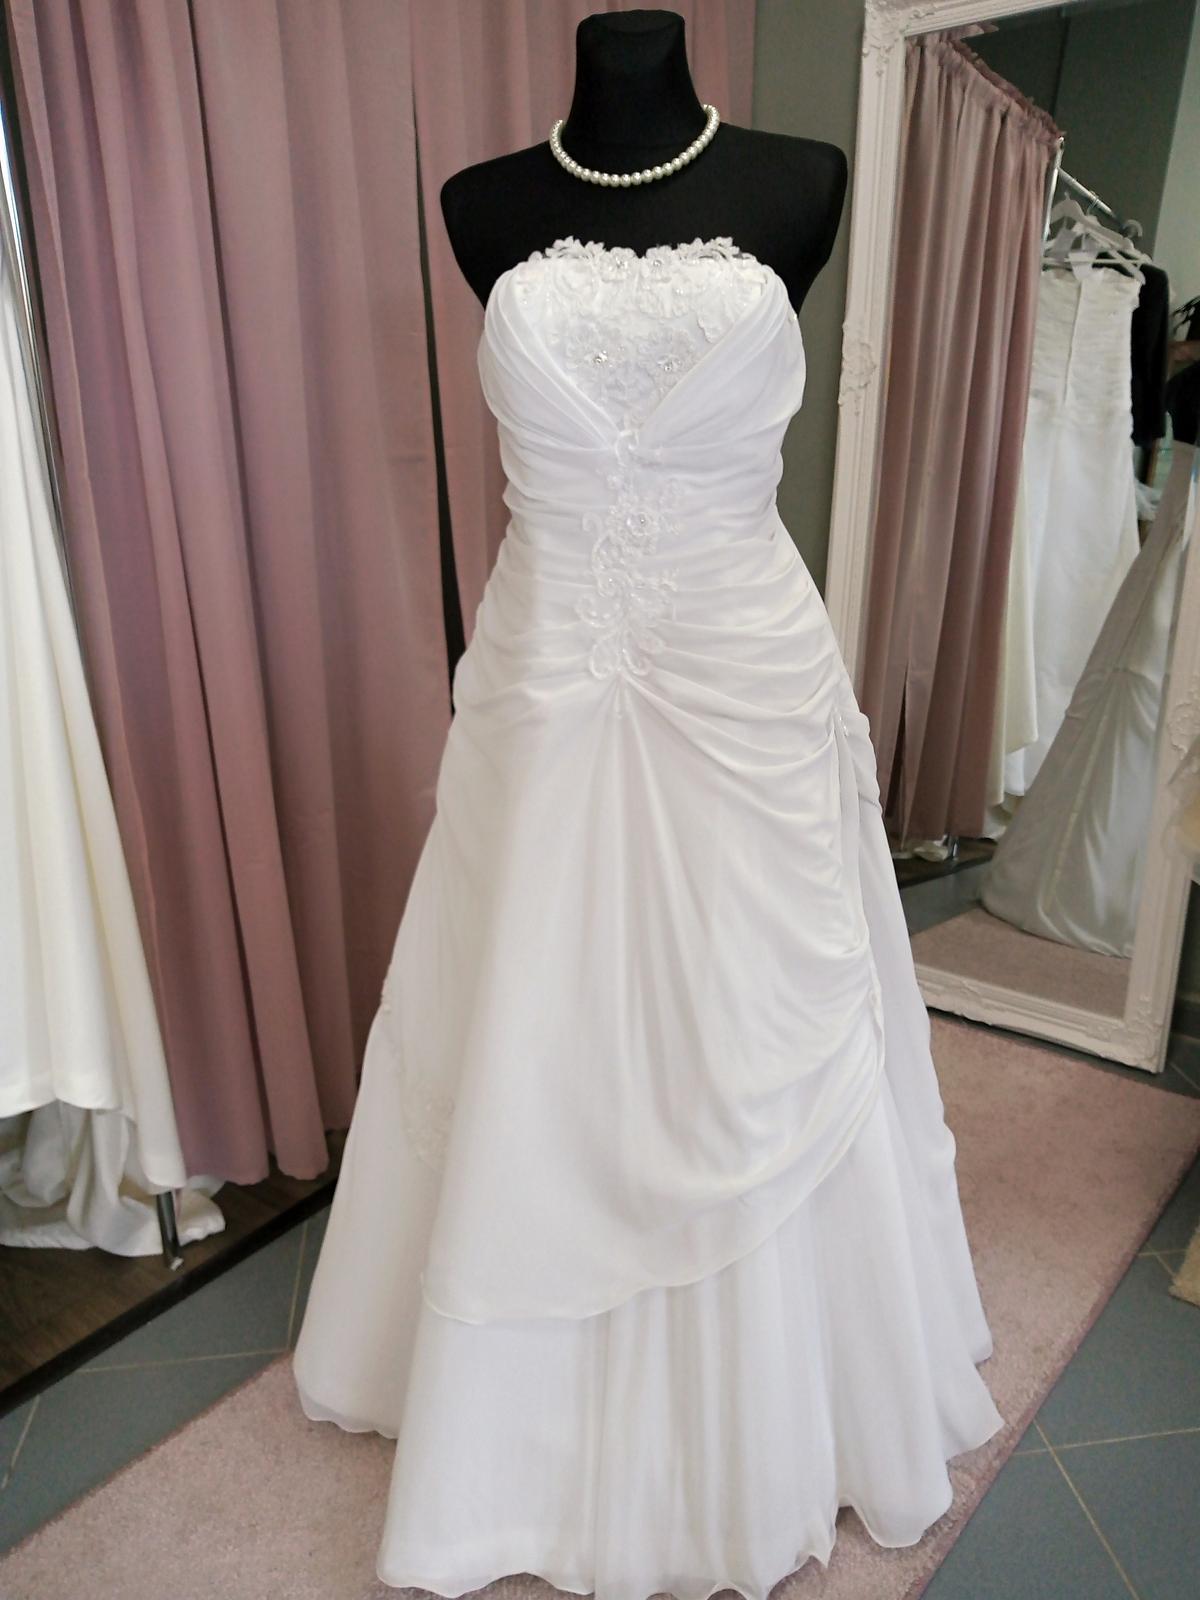 Šifonove svadobné šaty - Obrázok č. 1